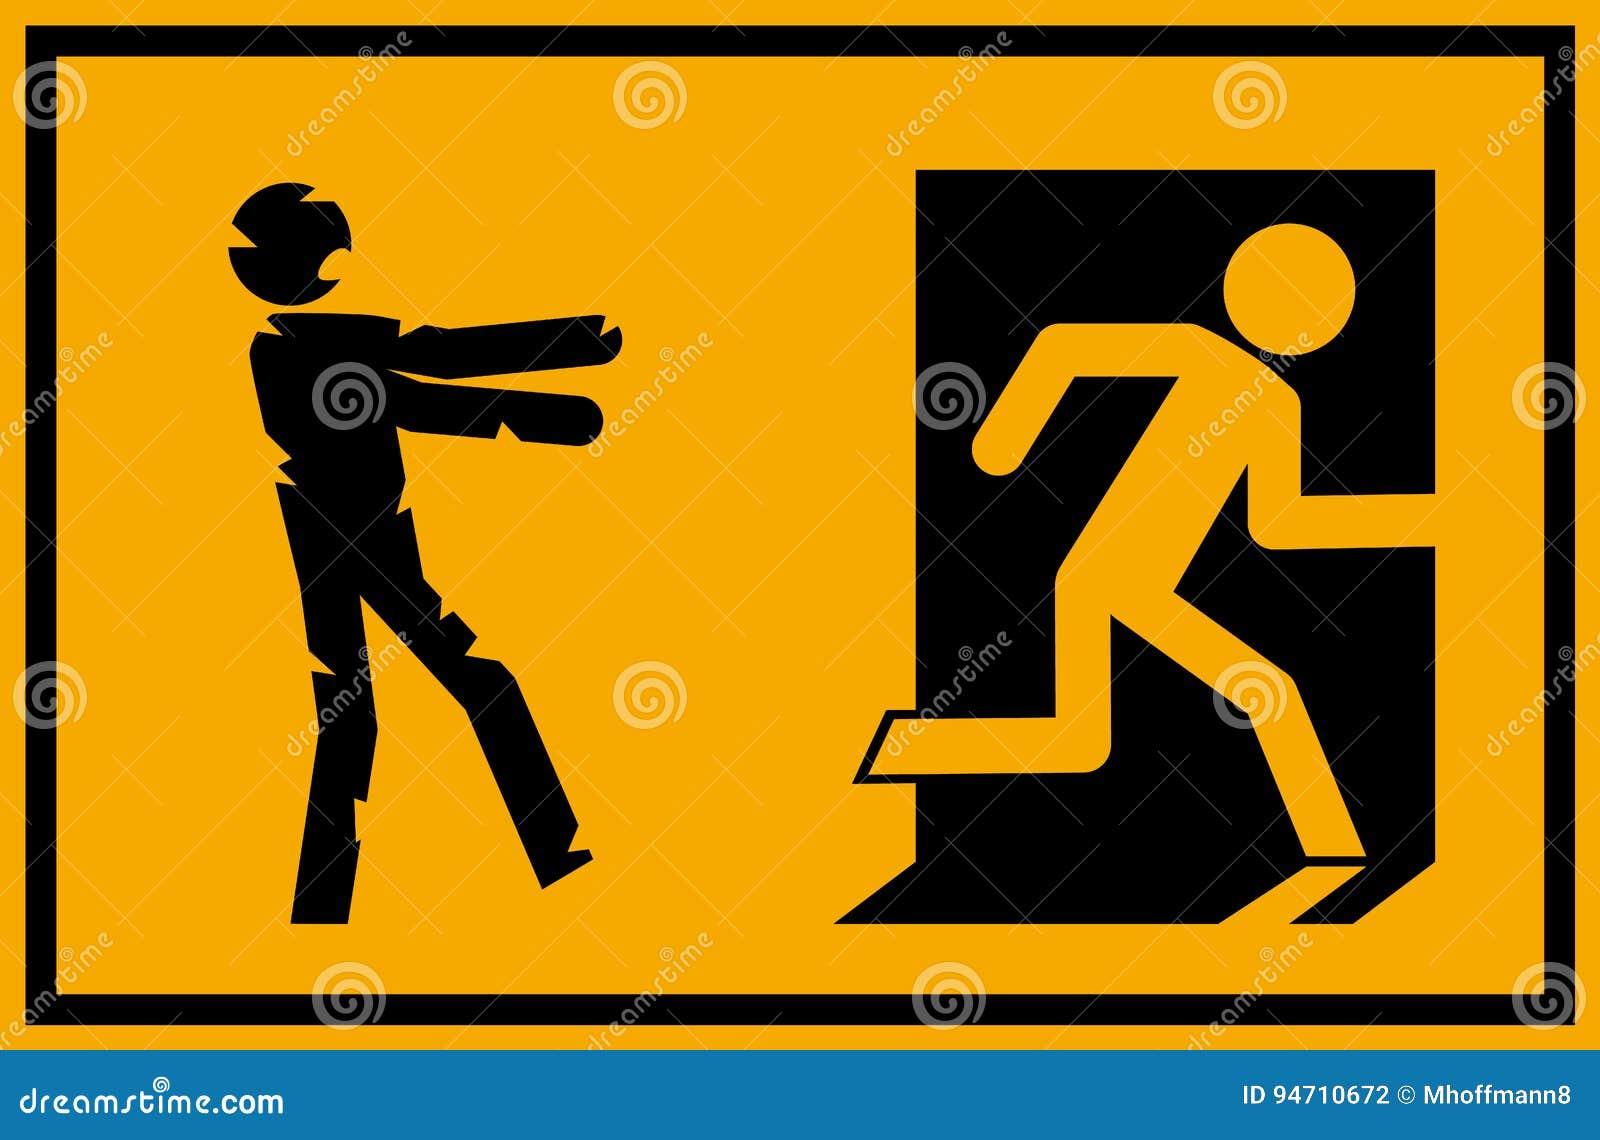 Иллюстрация вектора - знак аварийного выхода зомби с диаграммой нежитью ручки силуэта гоня персону пробуя избегать